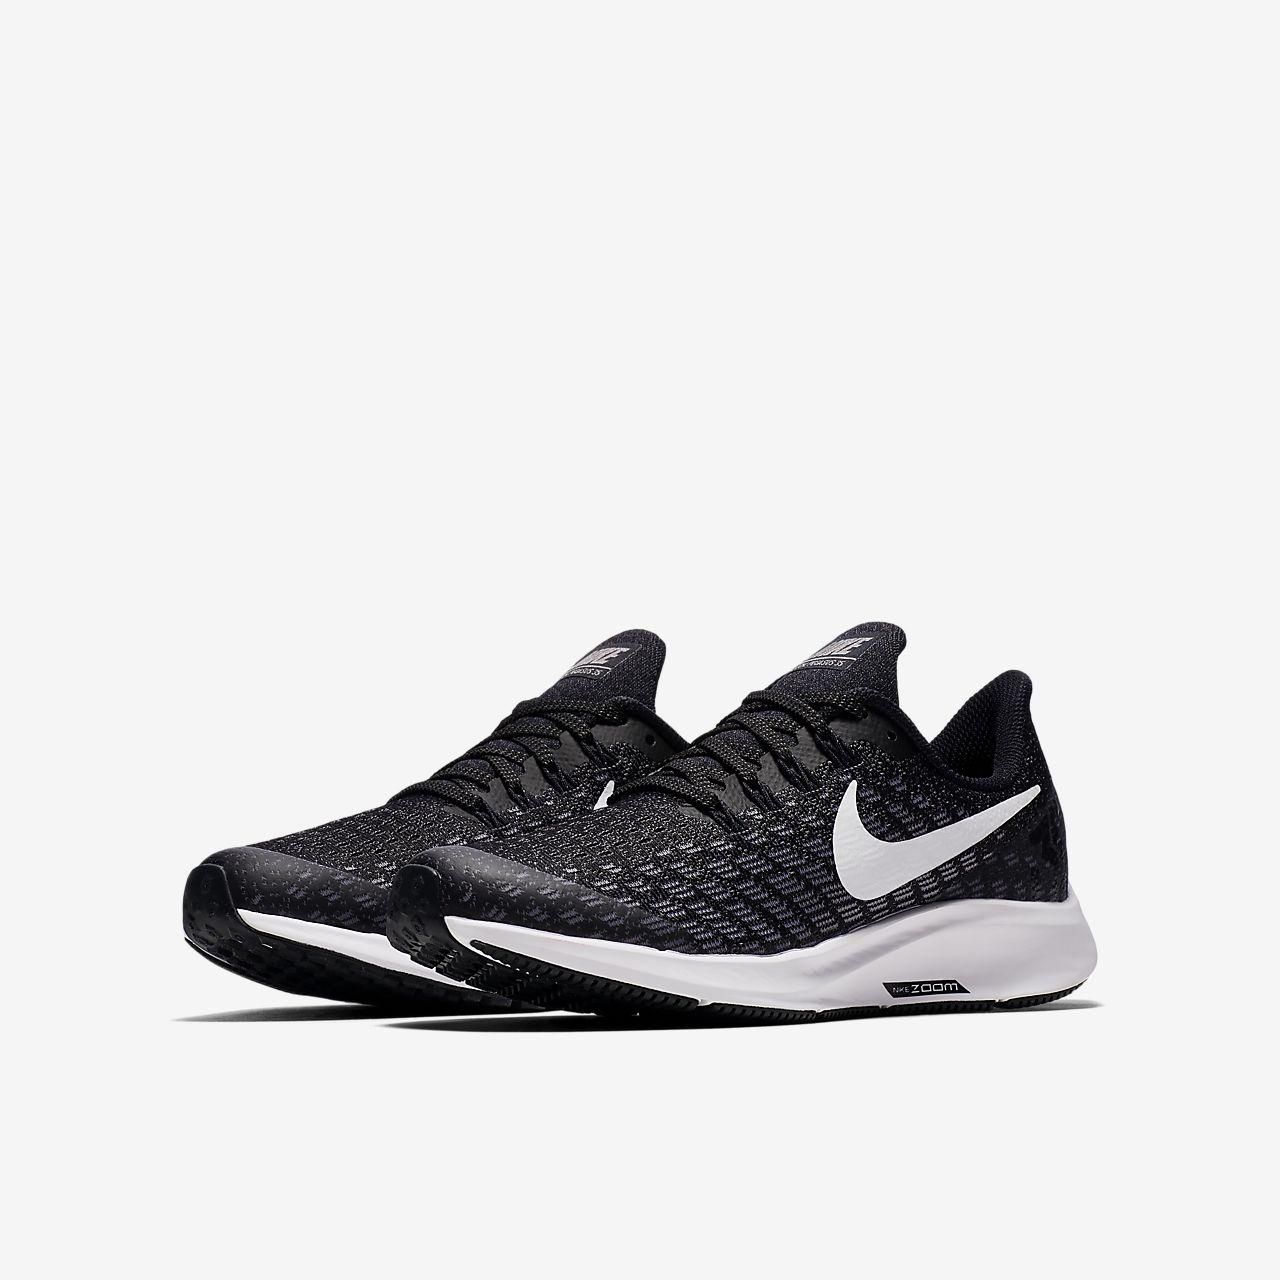 super popular 080a1 ebccc ... Chaussure de running Nike Air Zoom Pegasus 35 pour Jeune enfant Enfant  plus âgé